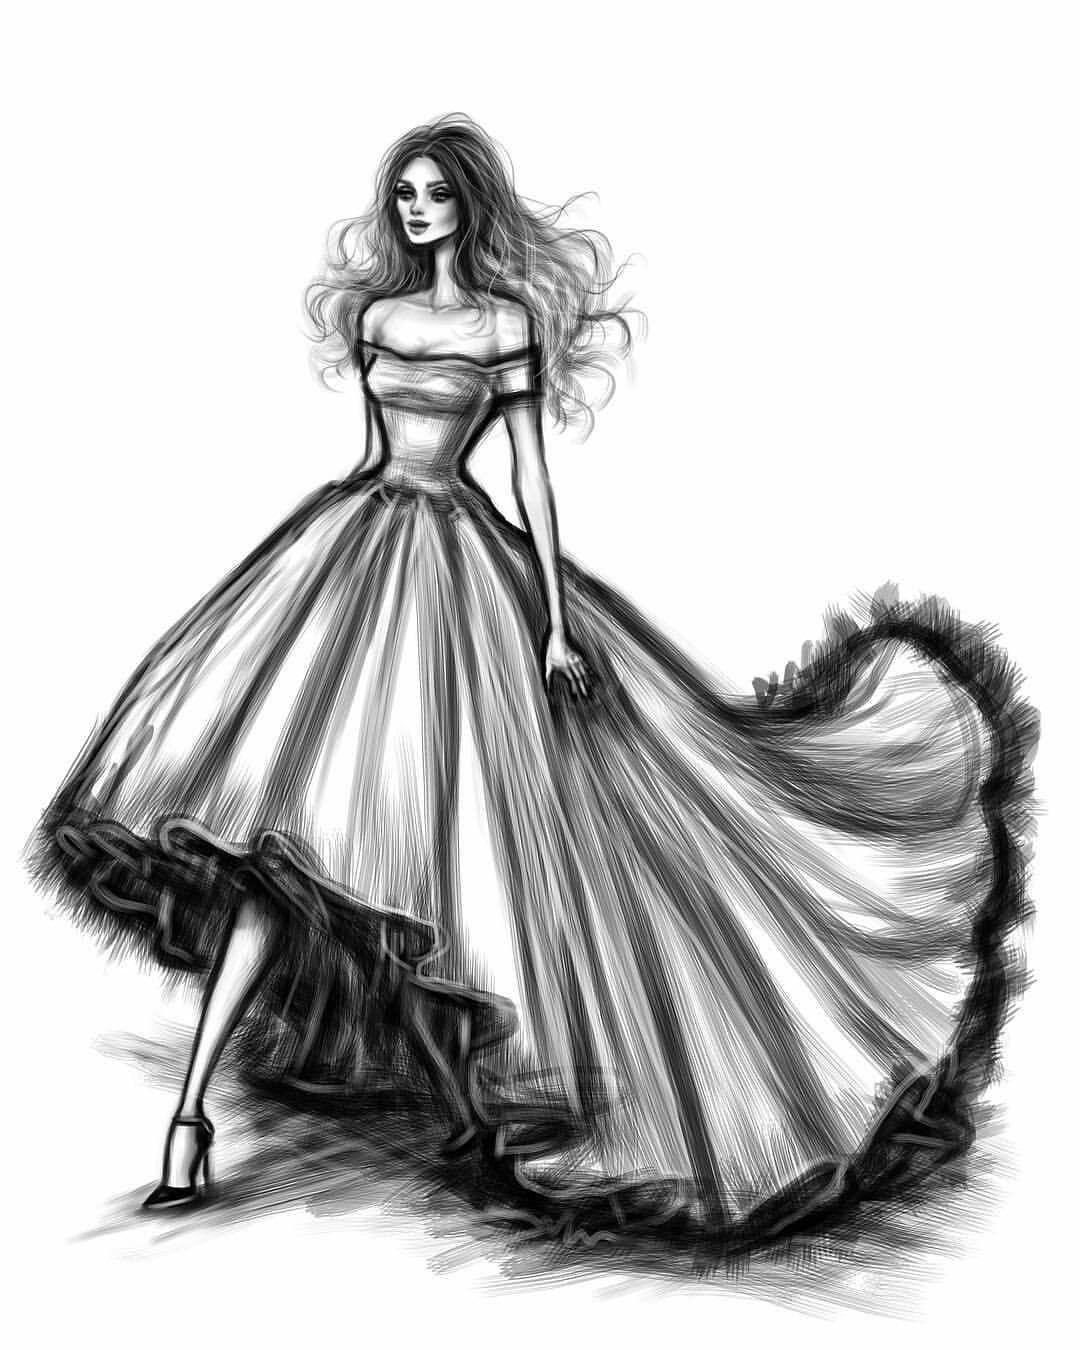 Красивые девушки в платьях картинки карандашом